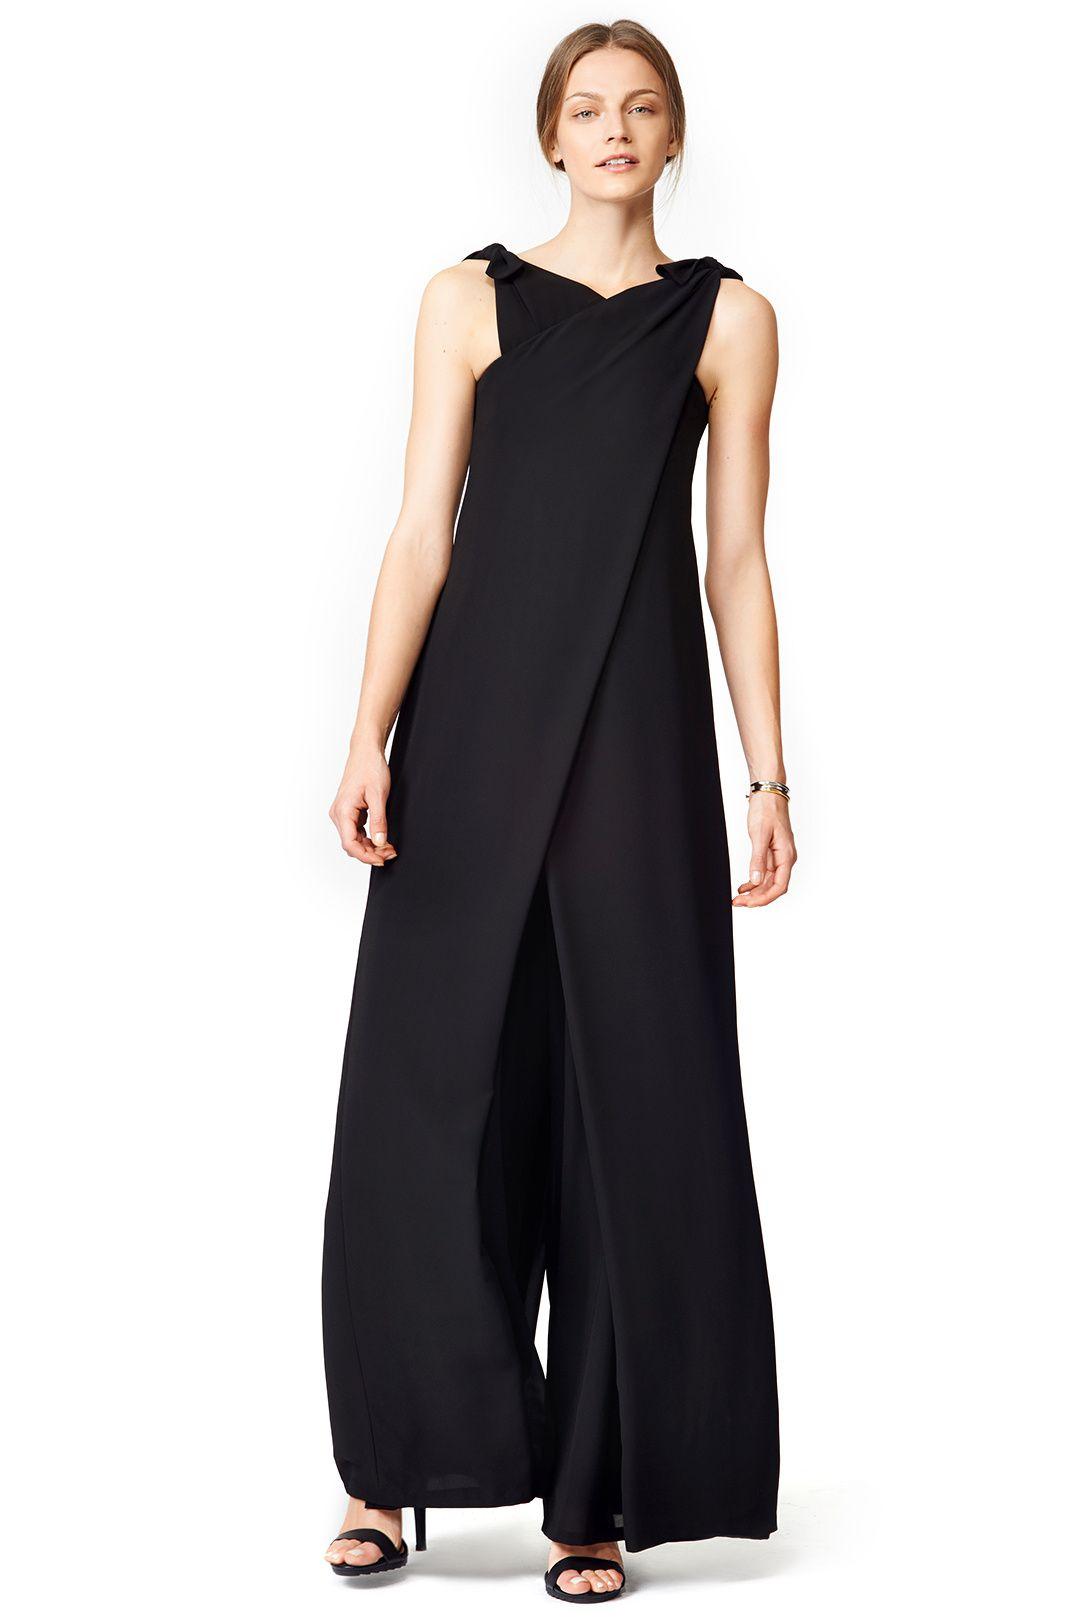 Raoul Jeanette Jumpsuit | Black Tie Wedding | Dresses, Jumpsuit, Fashion